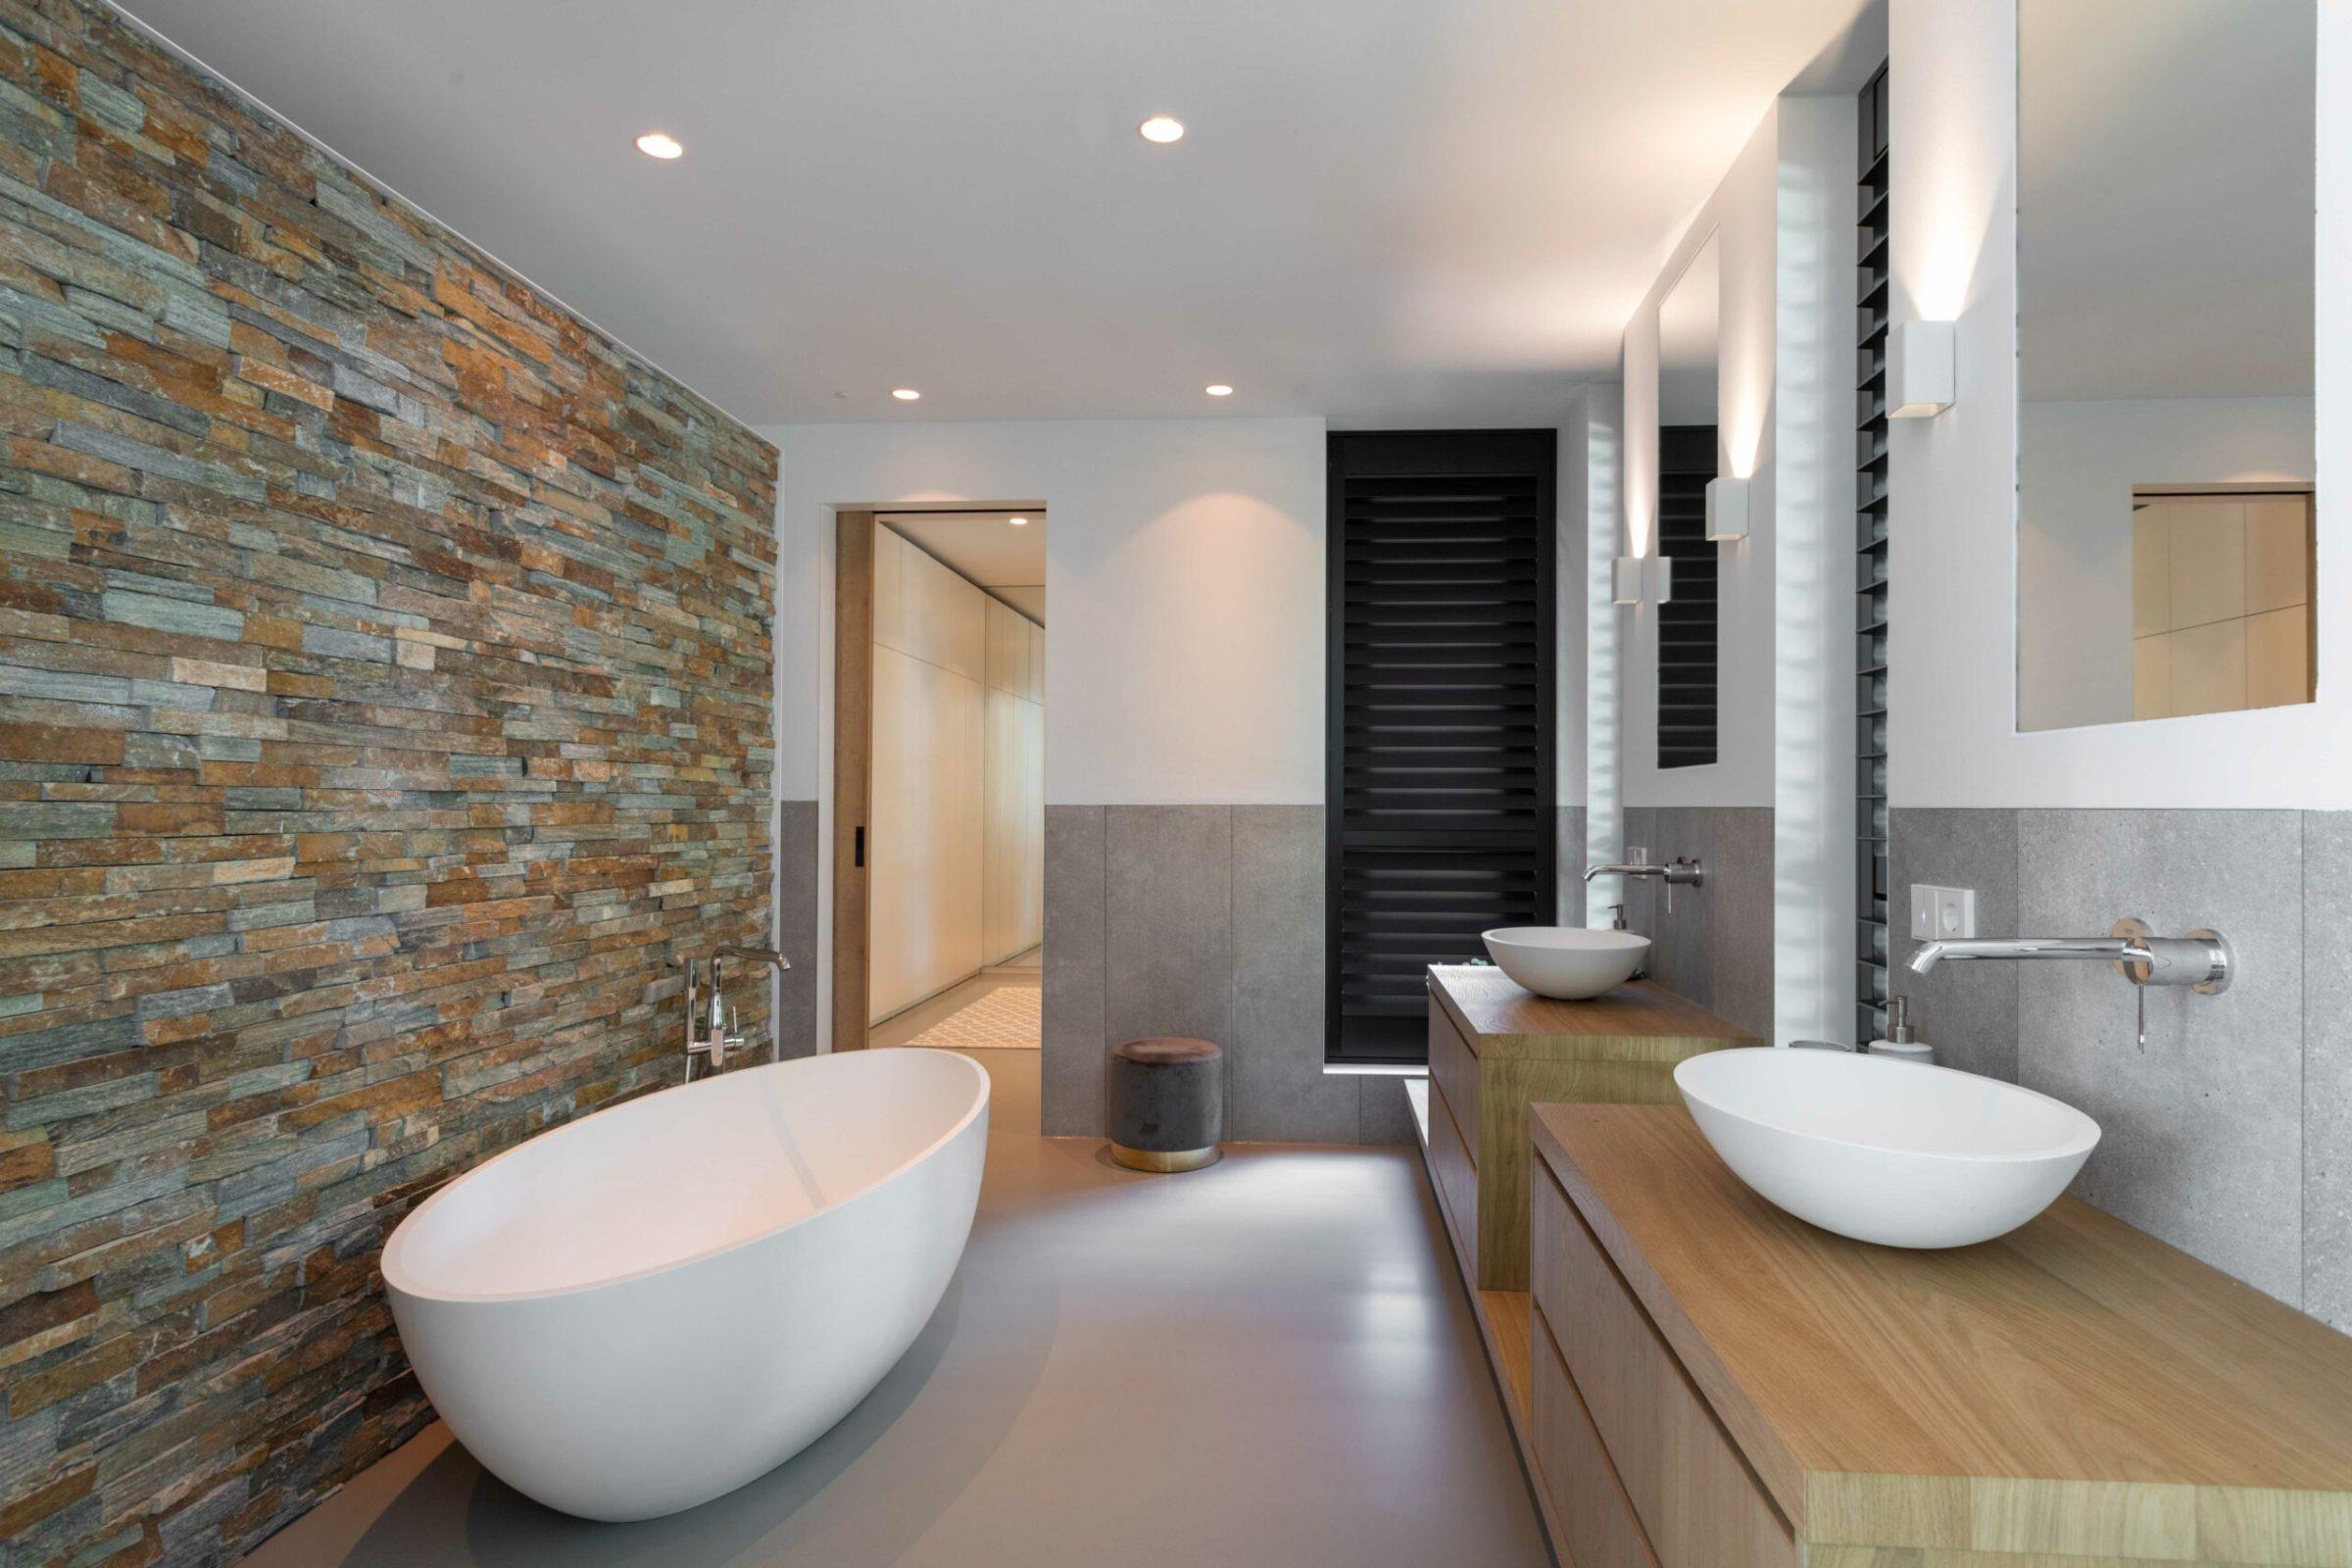 Steenstrips in de badkamer - loststaand bad